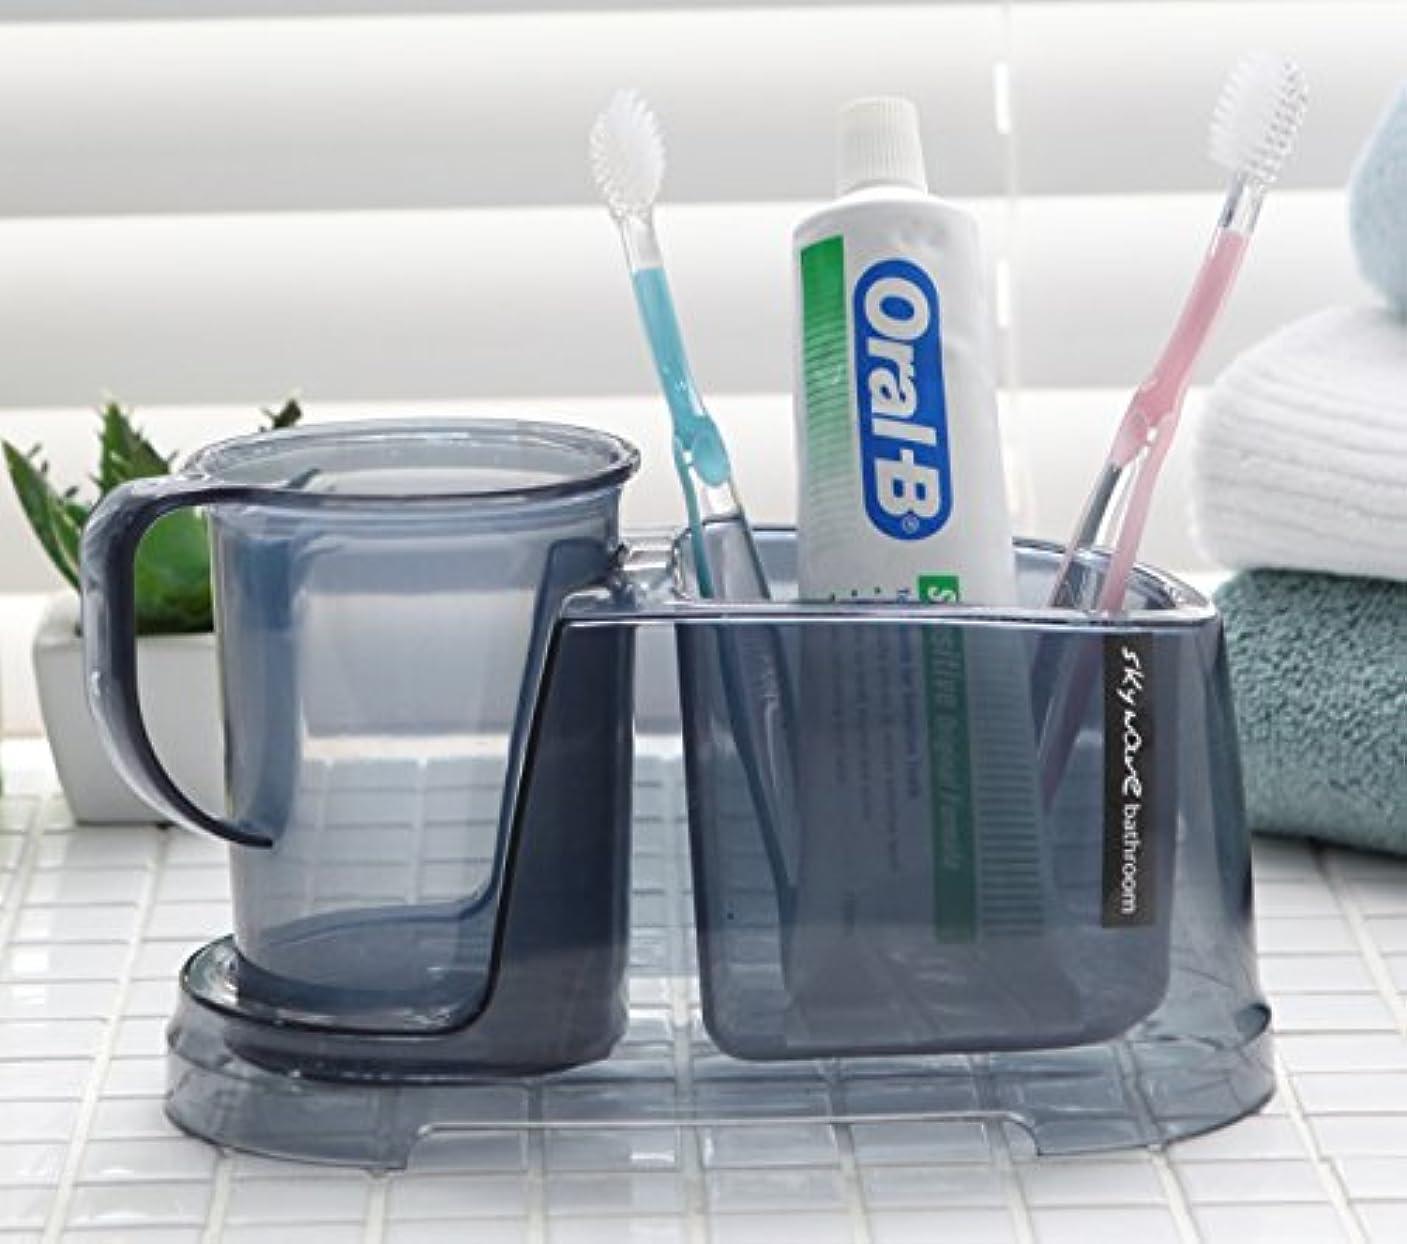 掃く言い直す幽霊Tenby Living歯ブラシホルダー+ Rinse Cup、クリアライトブルー